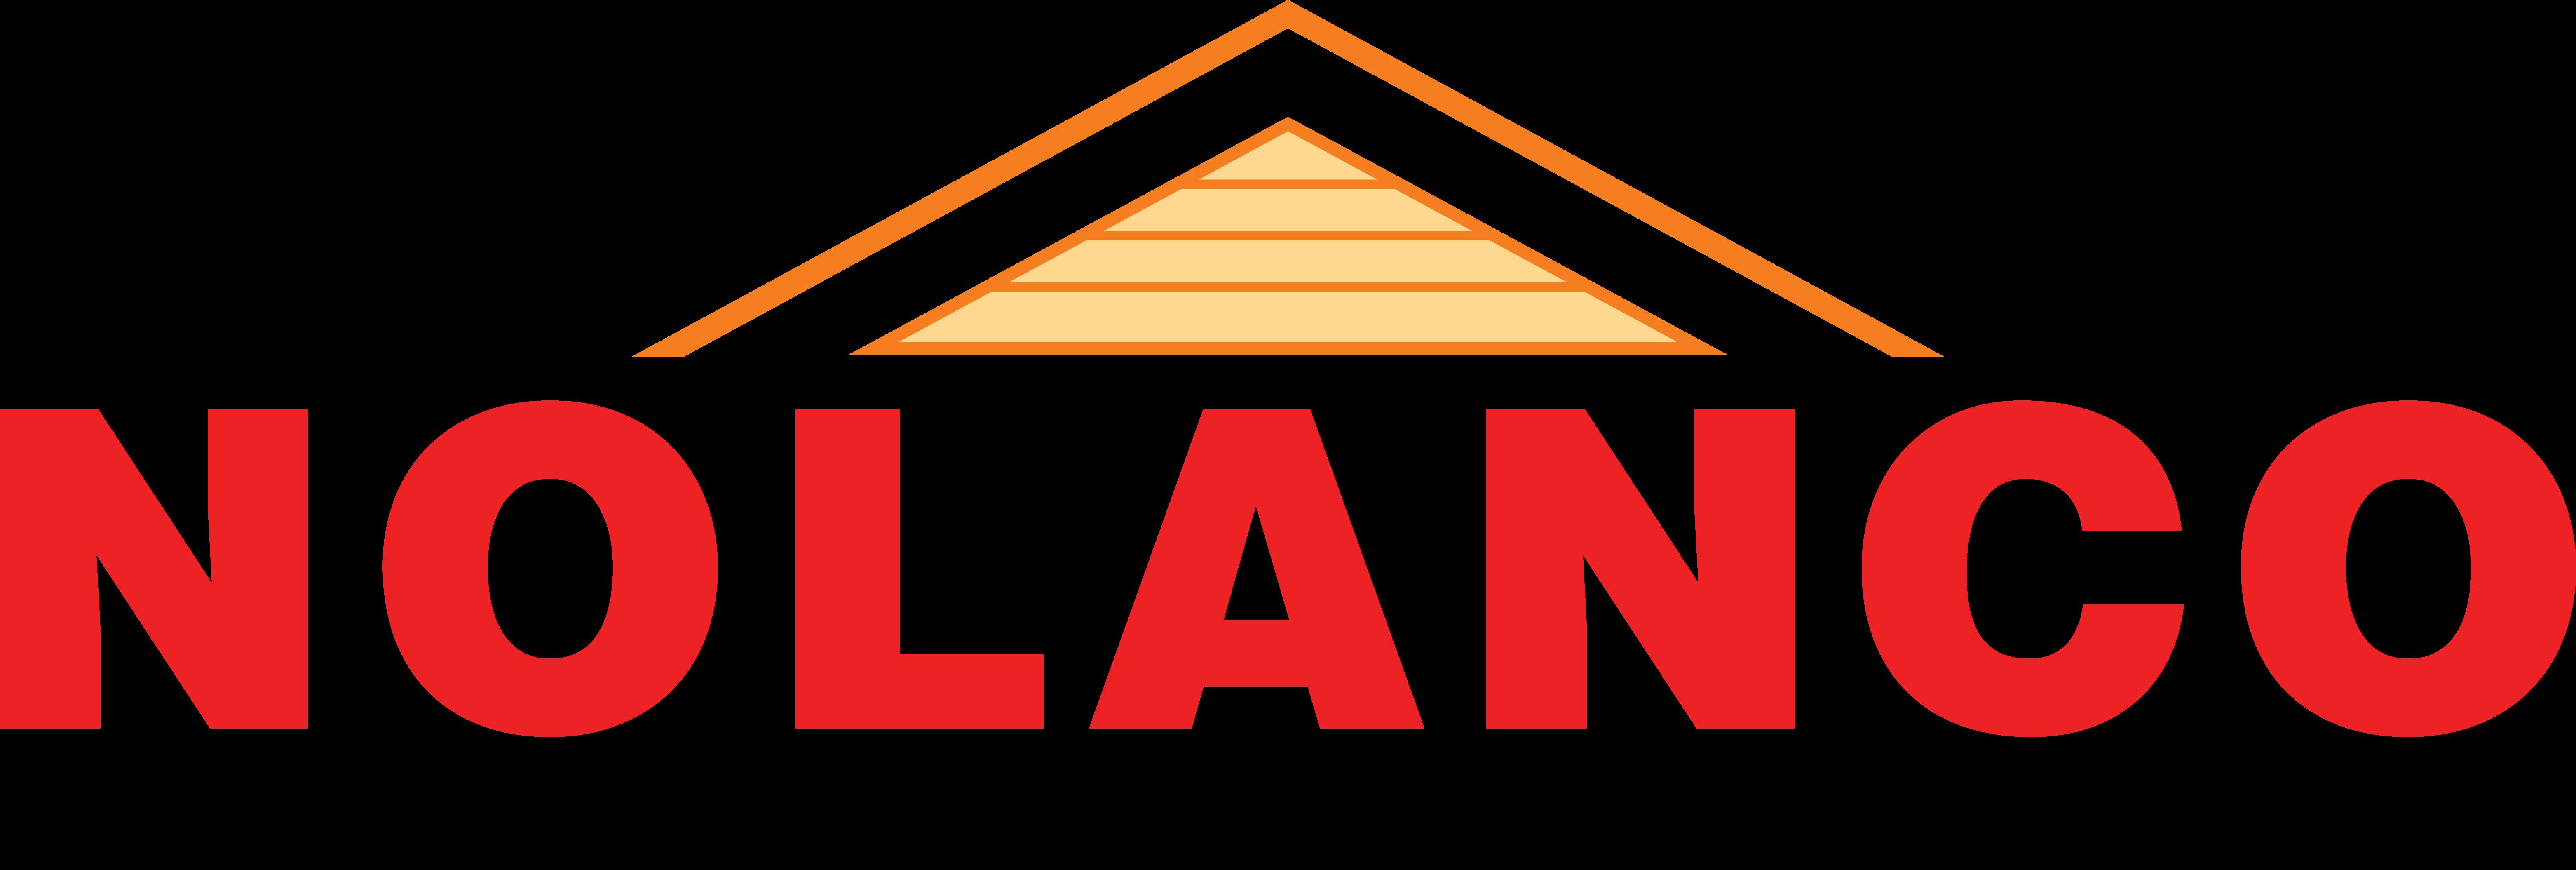 Nolanco Roofing